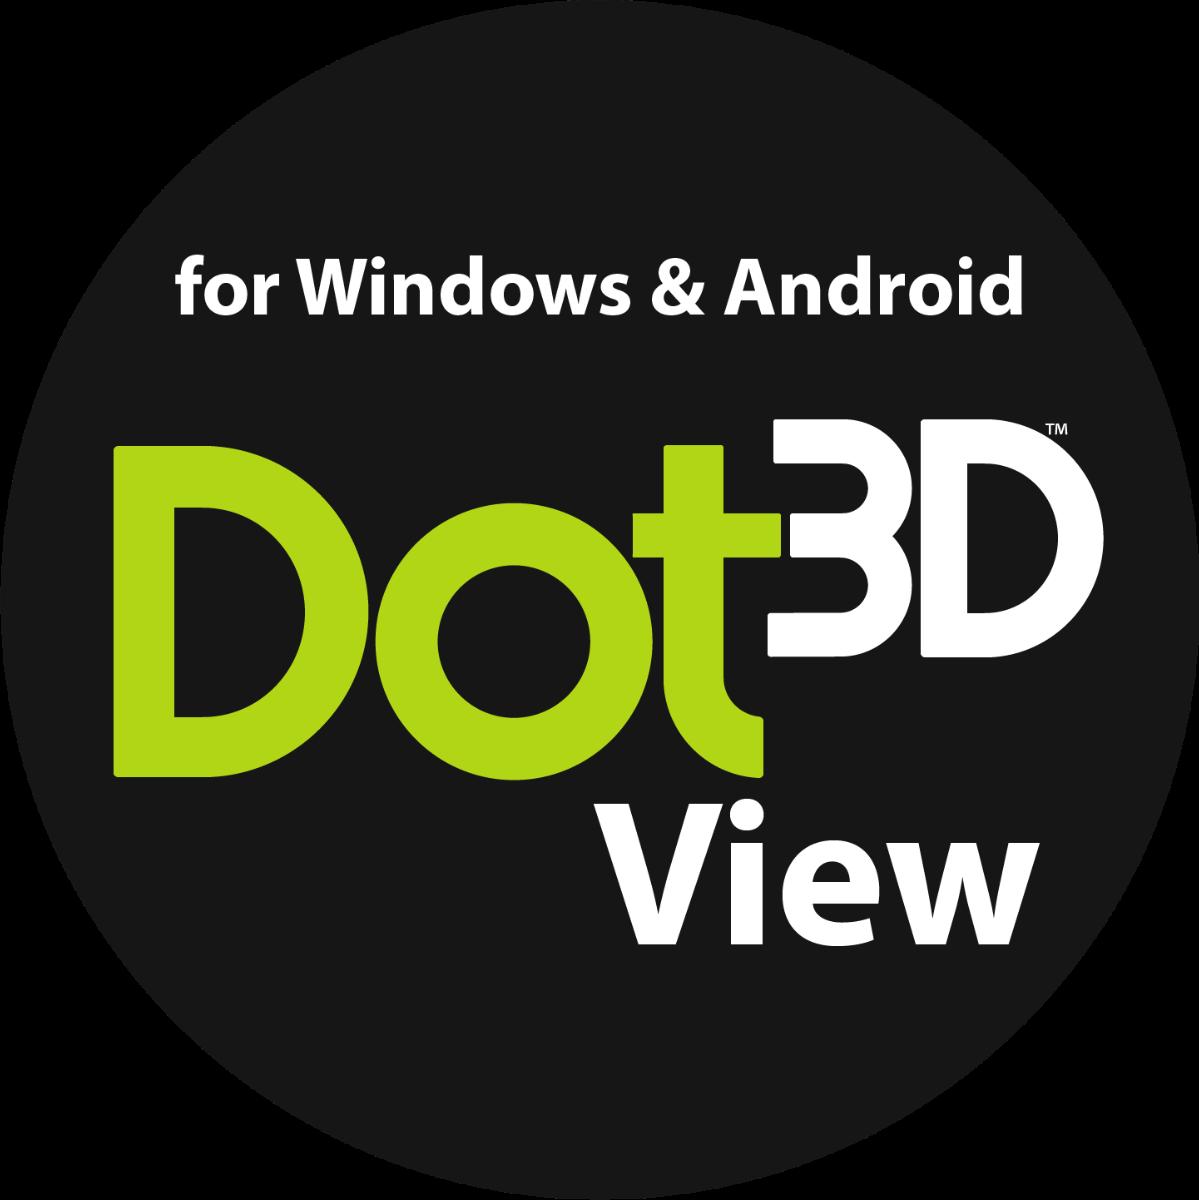 Dot3D View